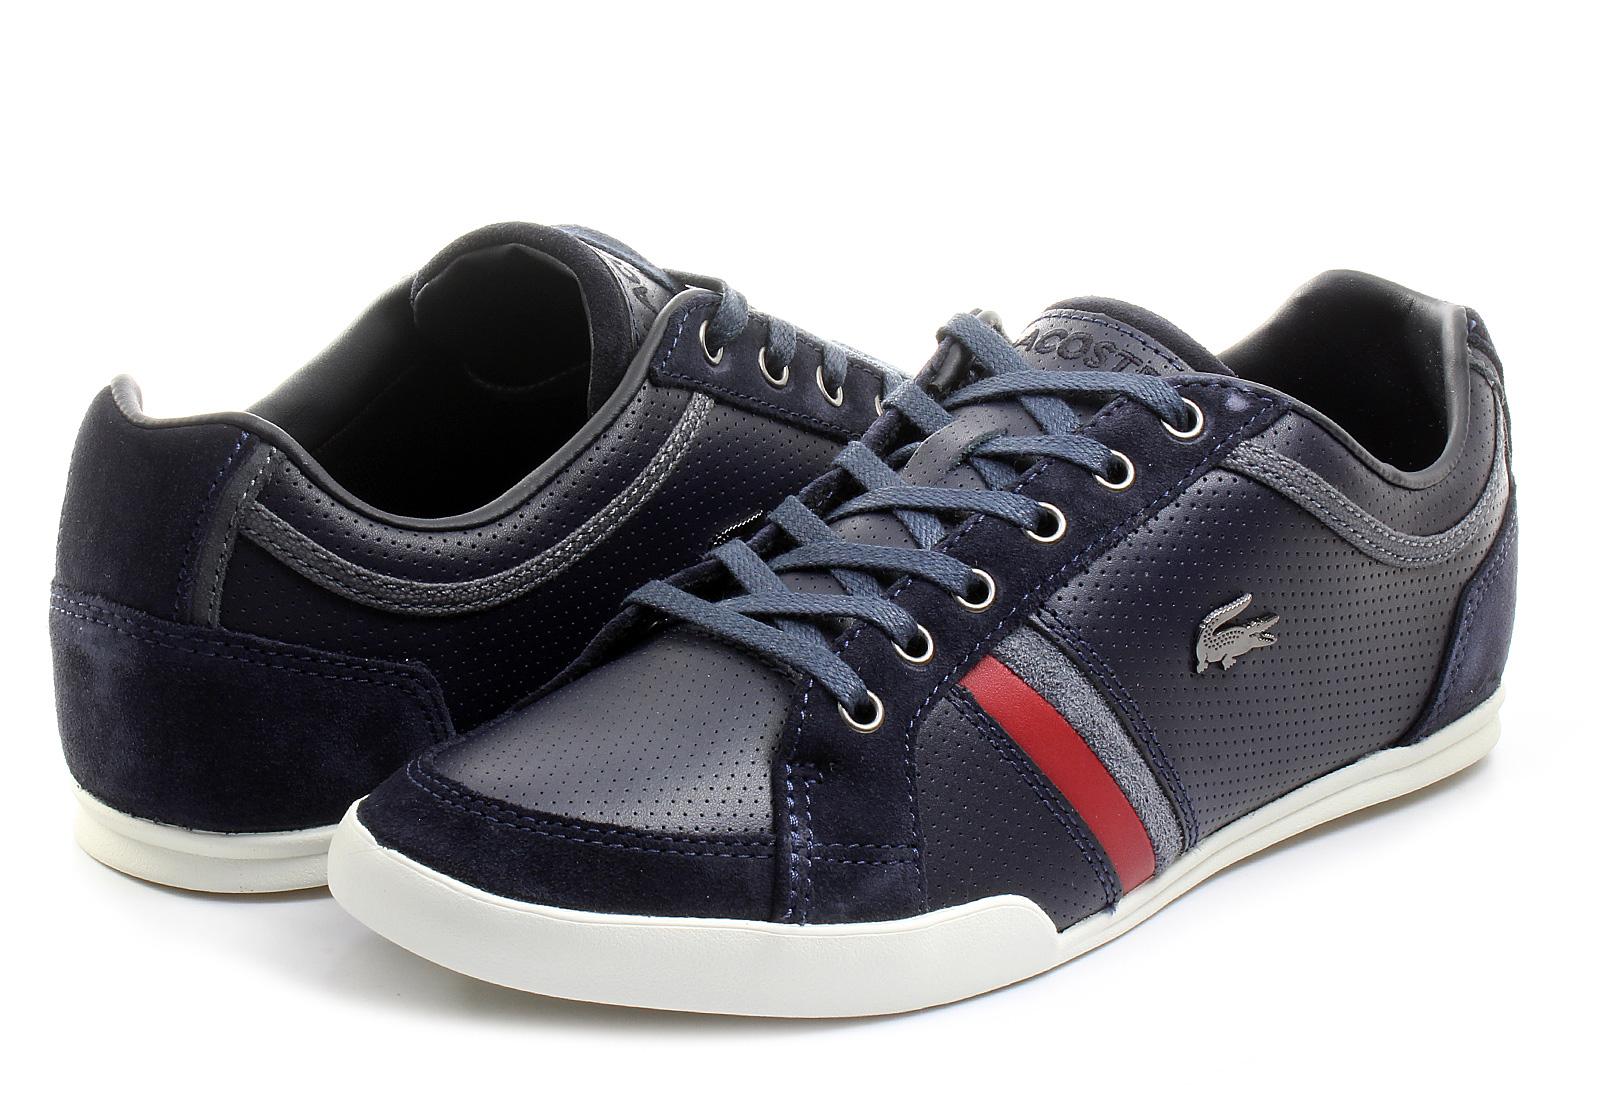 2e2c56e48be Lacoste Shoes - Rayford - 151srm2121-120 - Online shop for ...